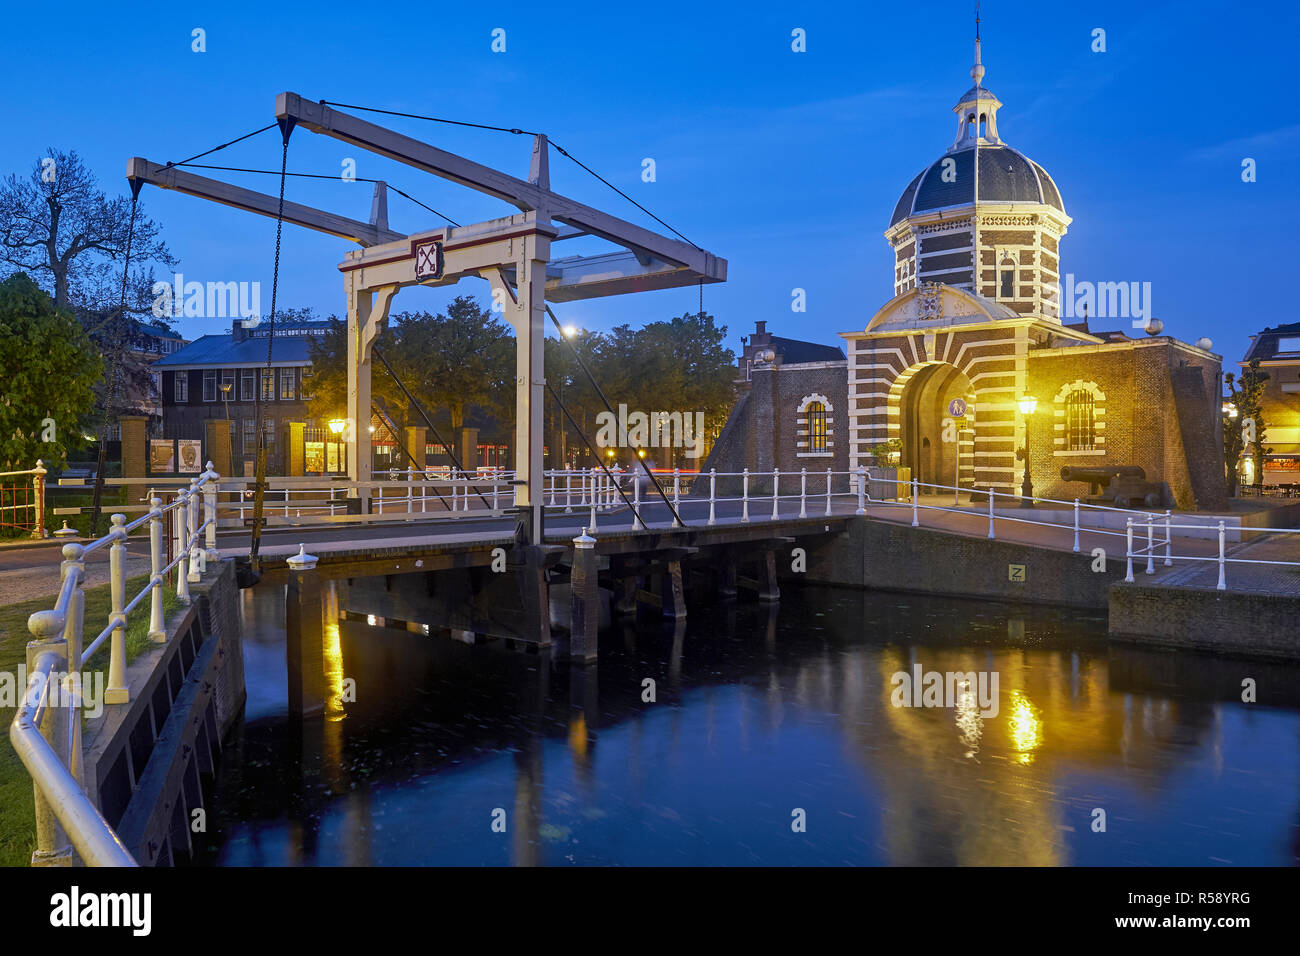 Morspoort avec Morspoort Brug, Leiden, Hollande méridionale, Pays-Bas Banque D'Images